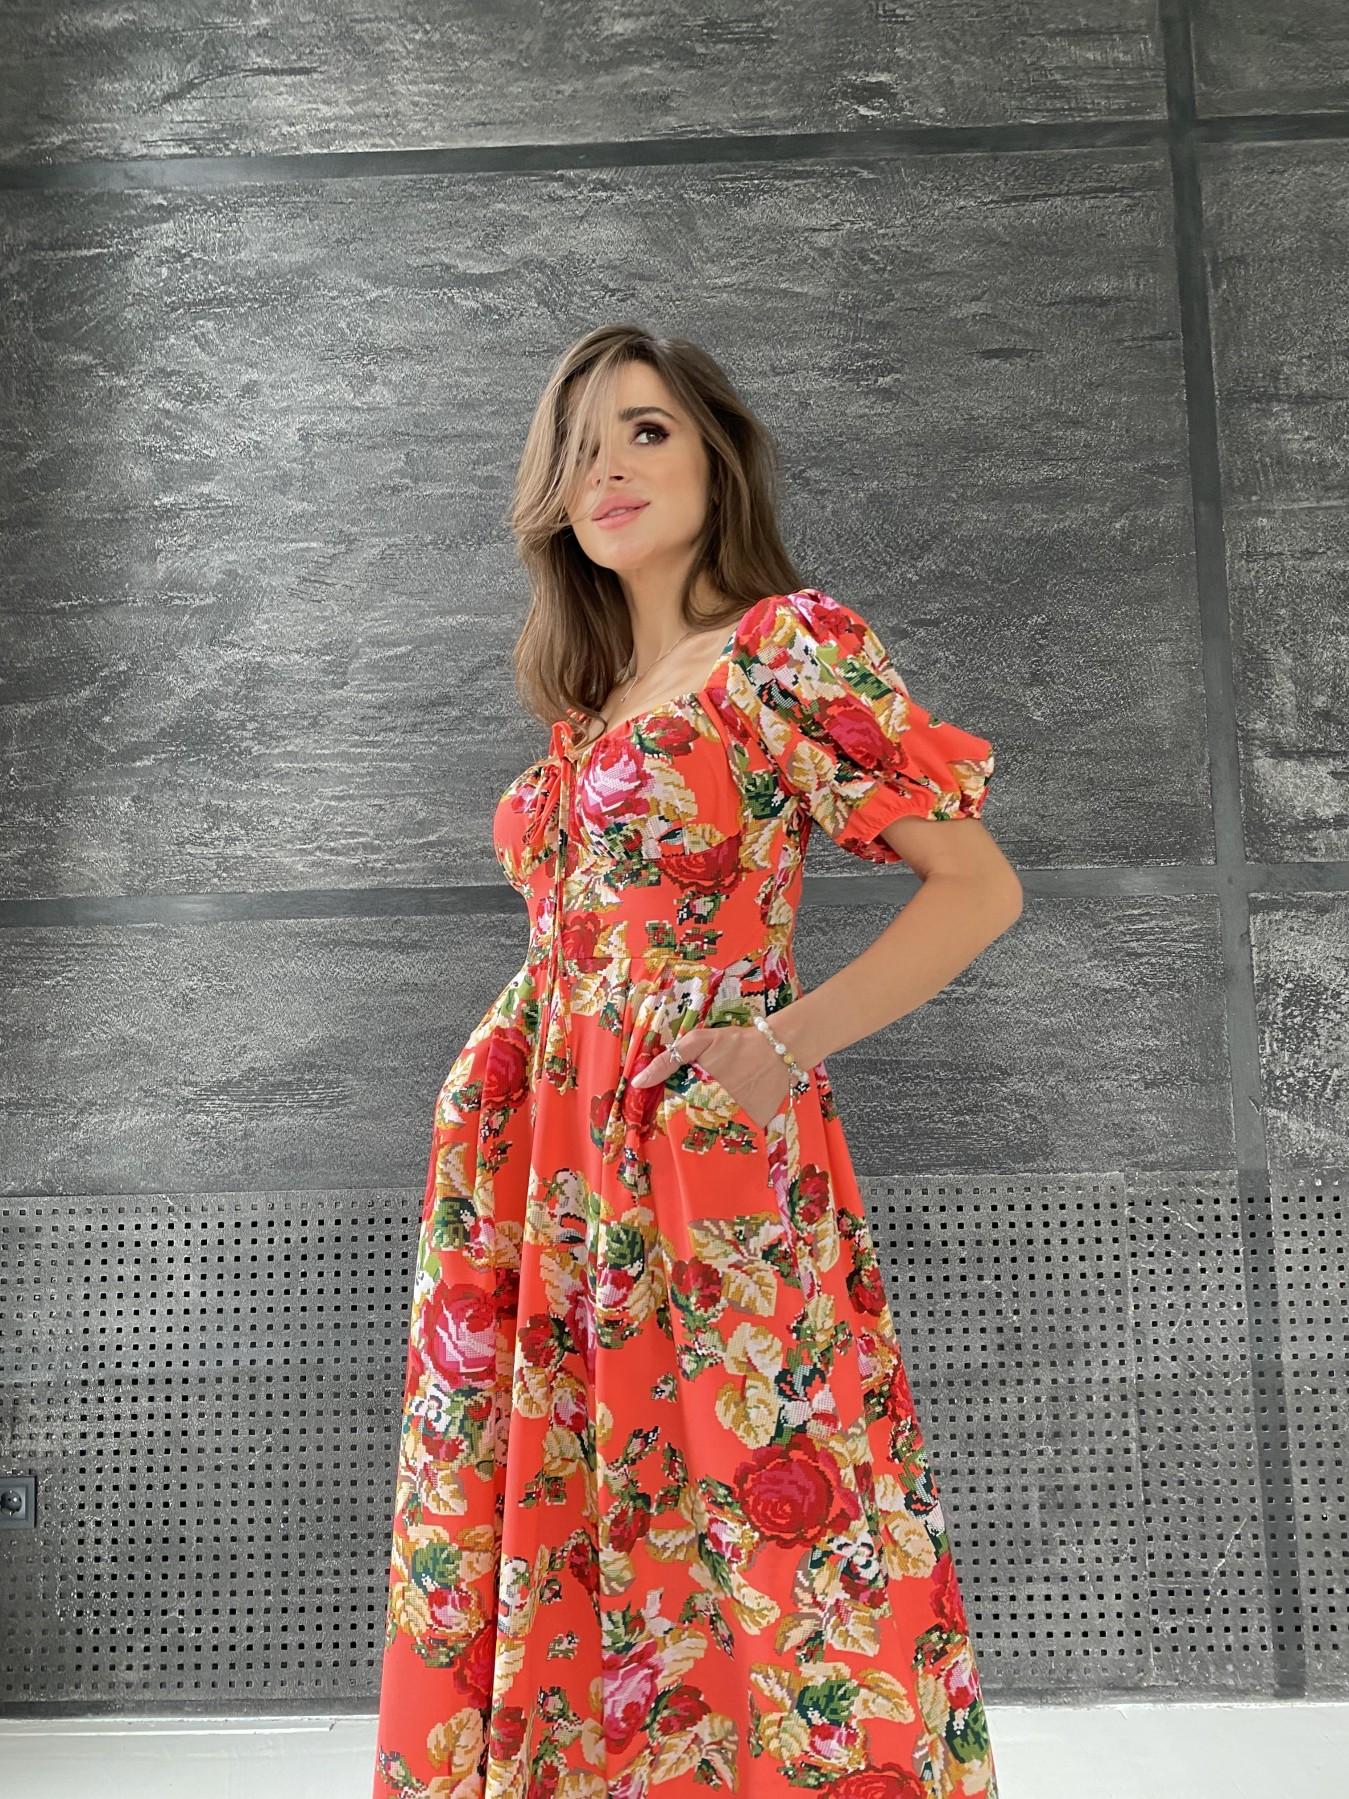 Кисес Миди платье из креп шифона в принт 11575 АРТ. 48316 Цвет: Коралл вышивка 4 - фото 7, интернет магазин tm-modus.ru